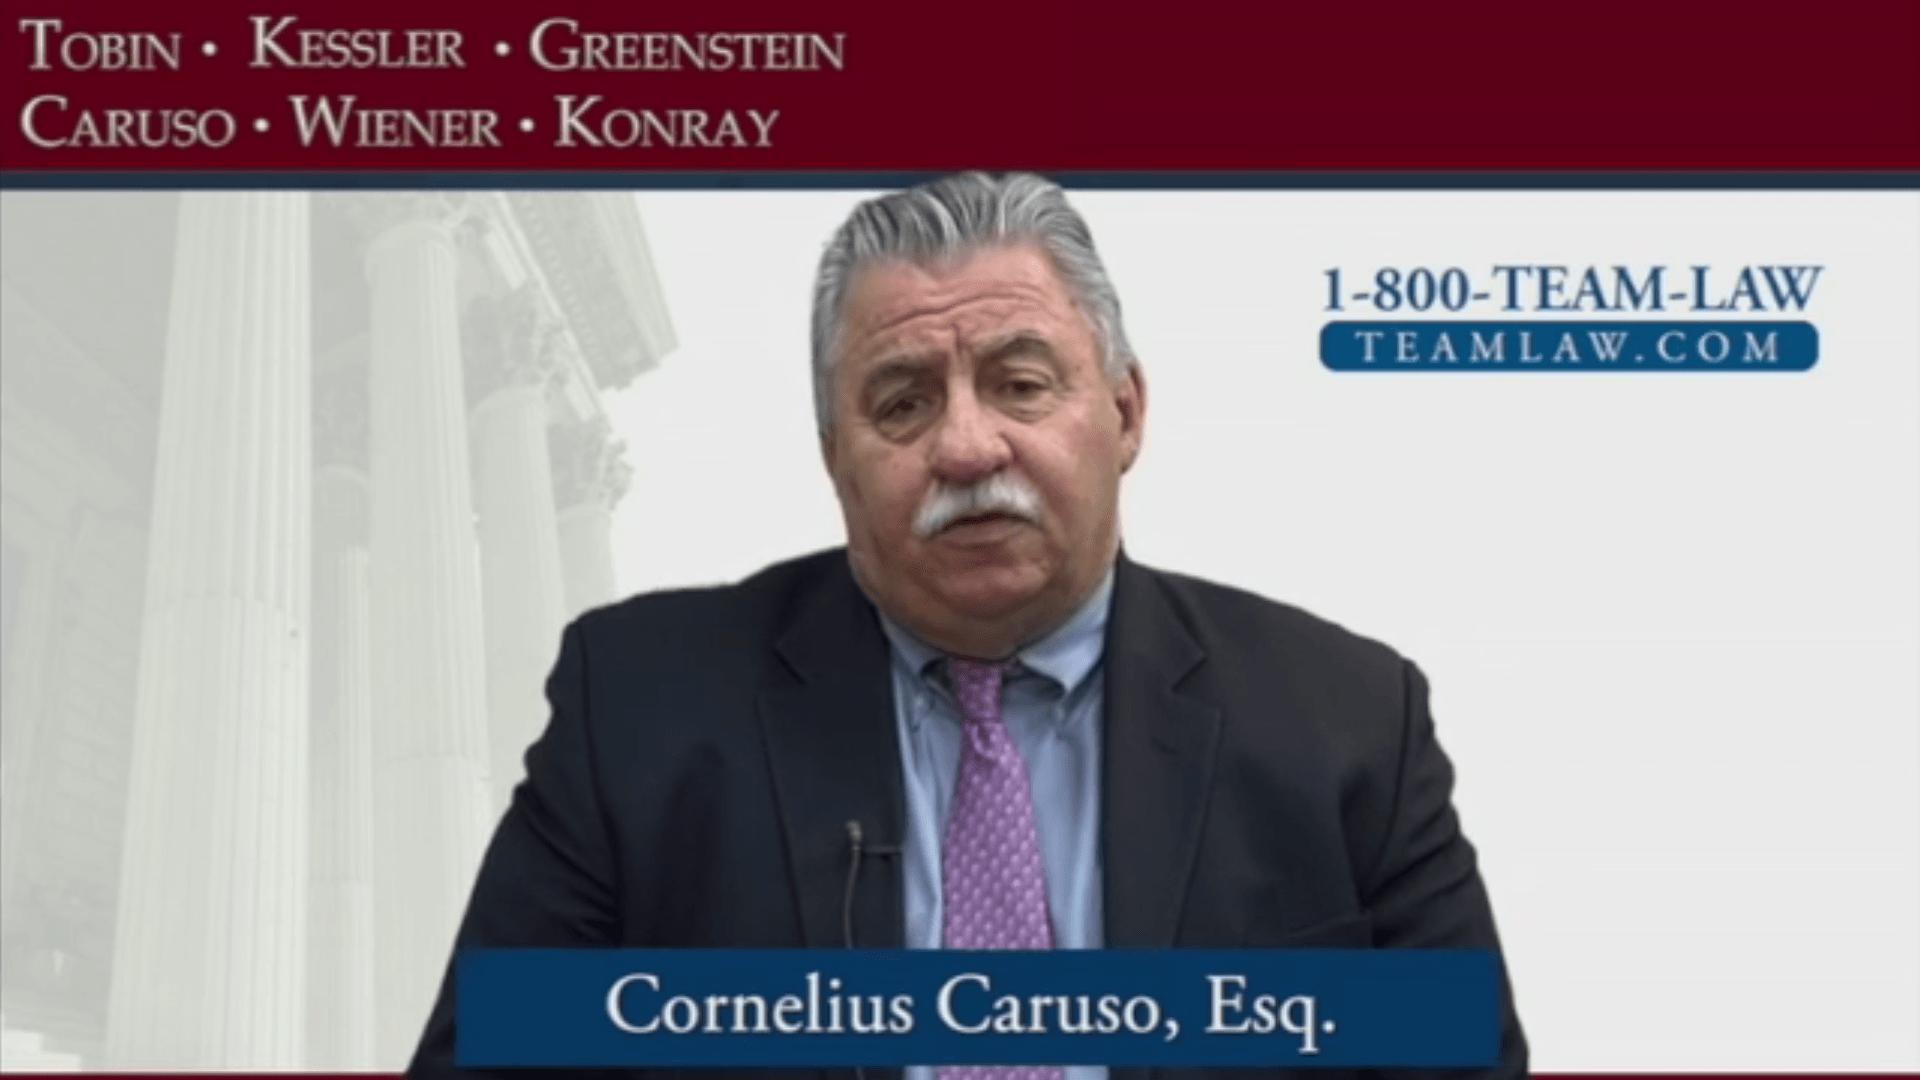 Team Law – Cornelius Caruso Profile